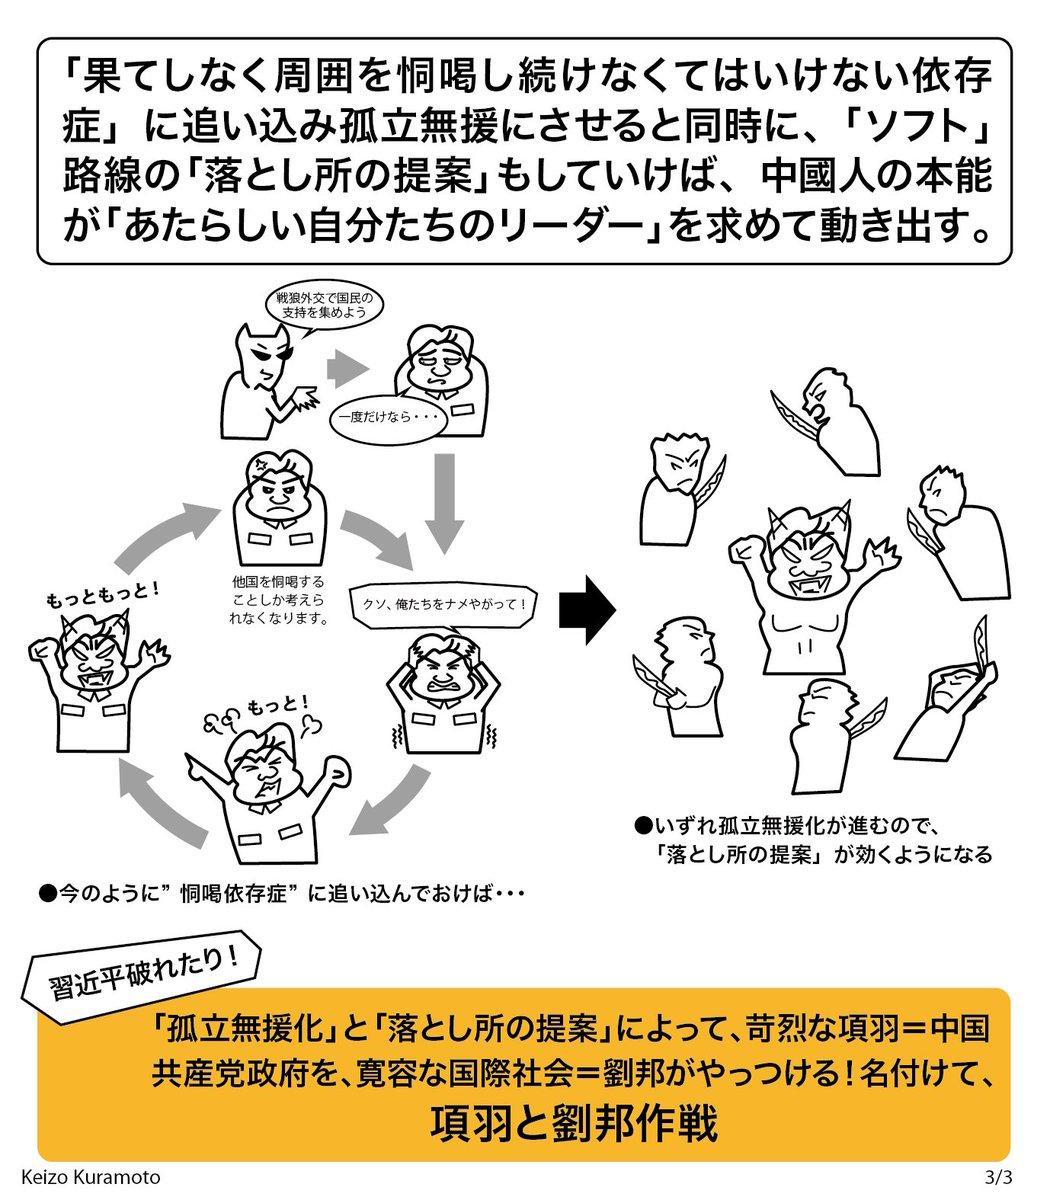 圭造 倉本 楽天ブックス: 日本がアメリカに勝つ方法